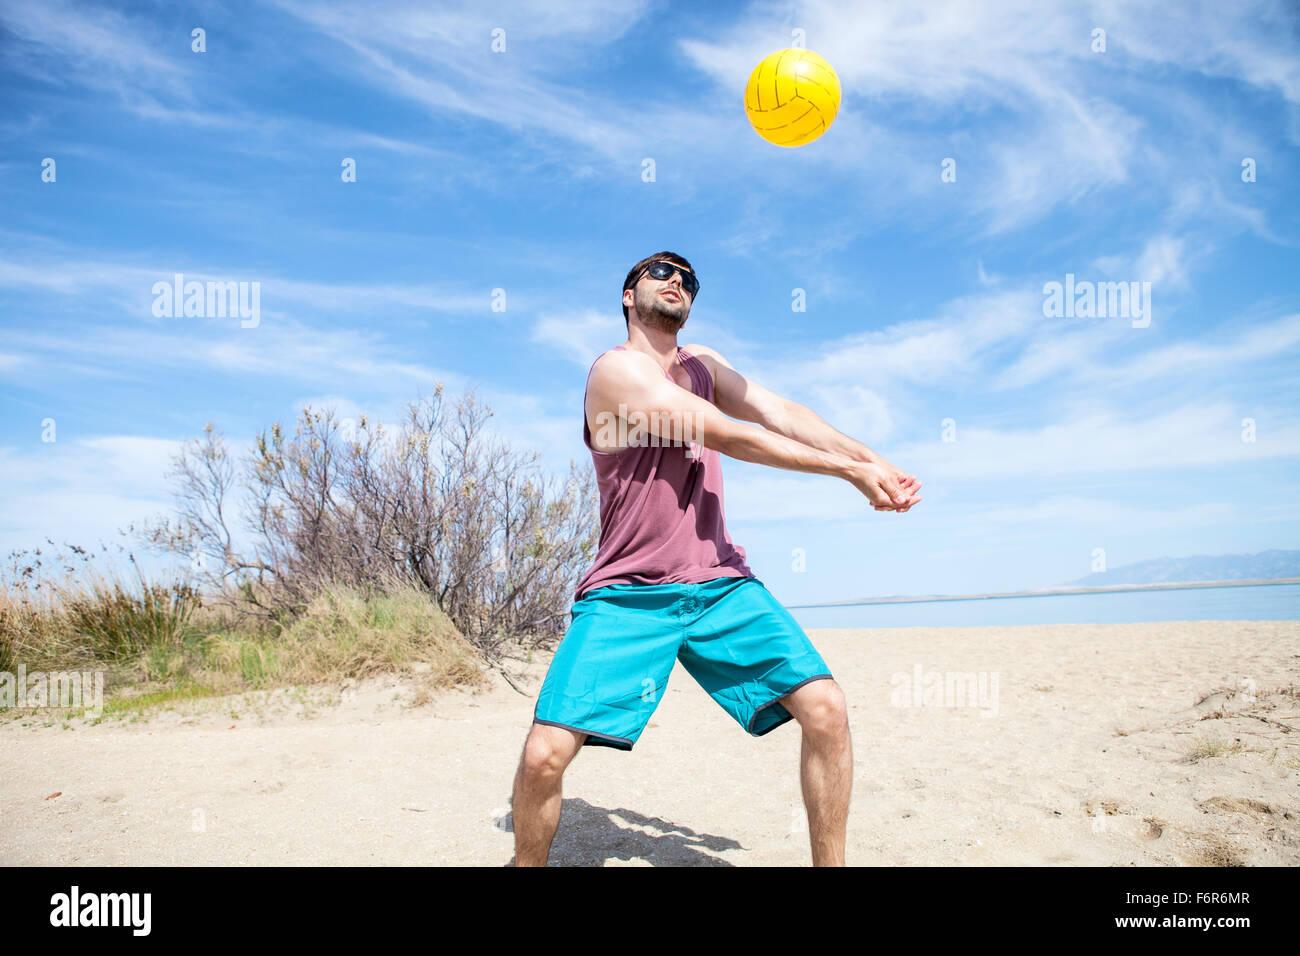 Jeune homme à jouer au volleyball de plage Photo Stock